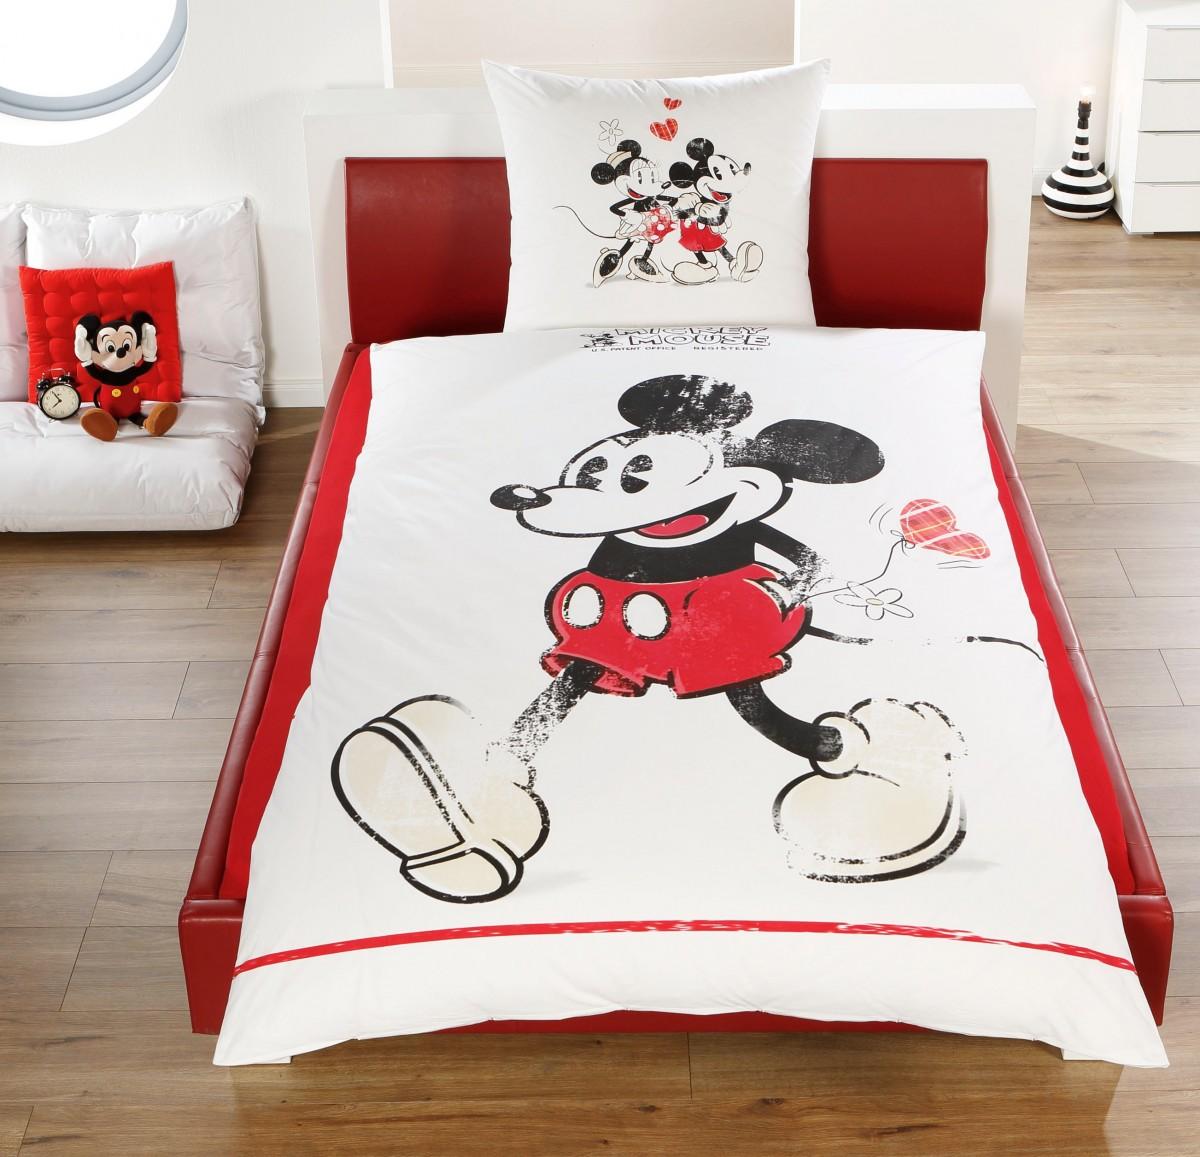 disney linon renforc wende bettw sche mickey minnie mouse 135x200cm 2 tlg bettw sche. Black Bedroom Furniture Sets. Home Design Ideas